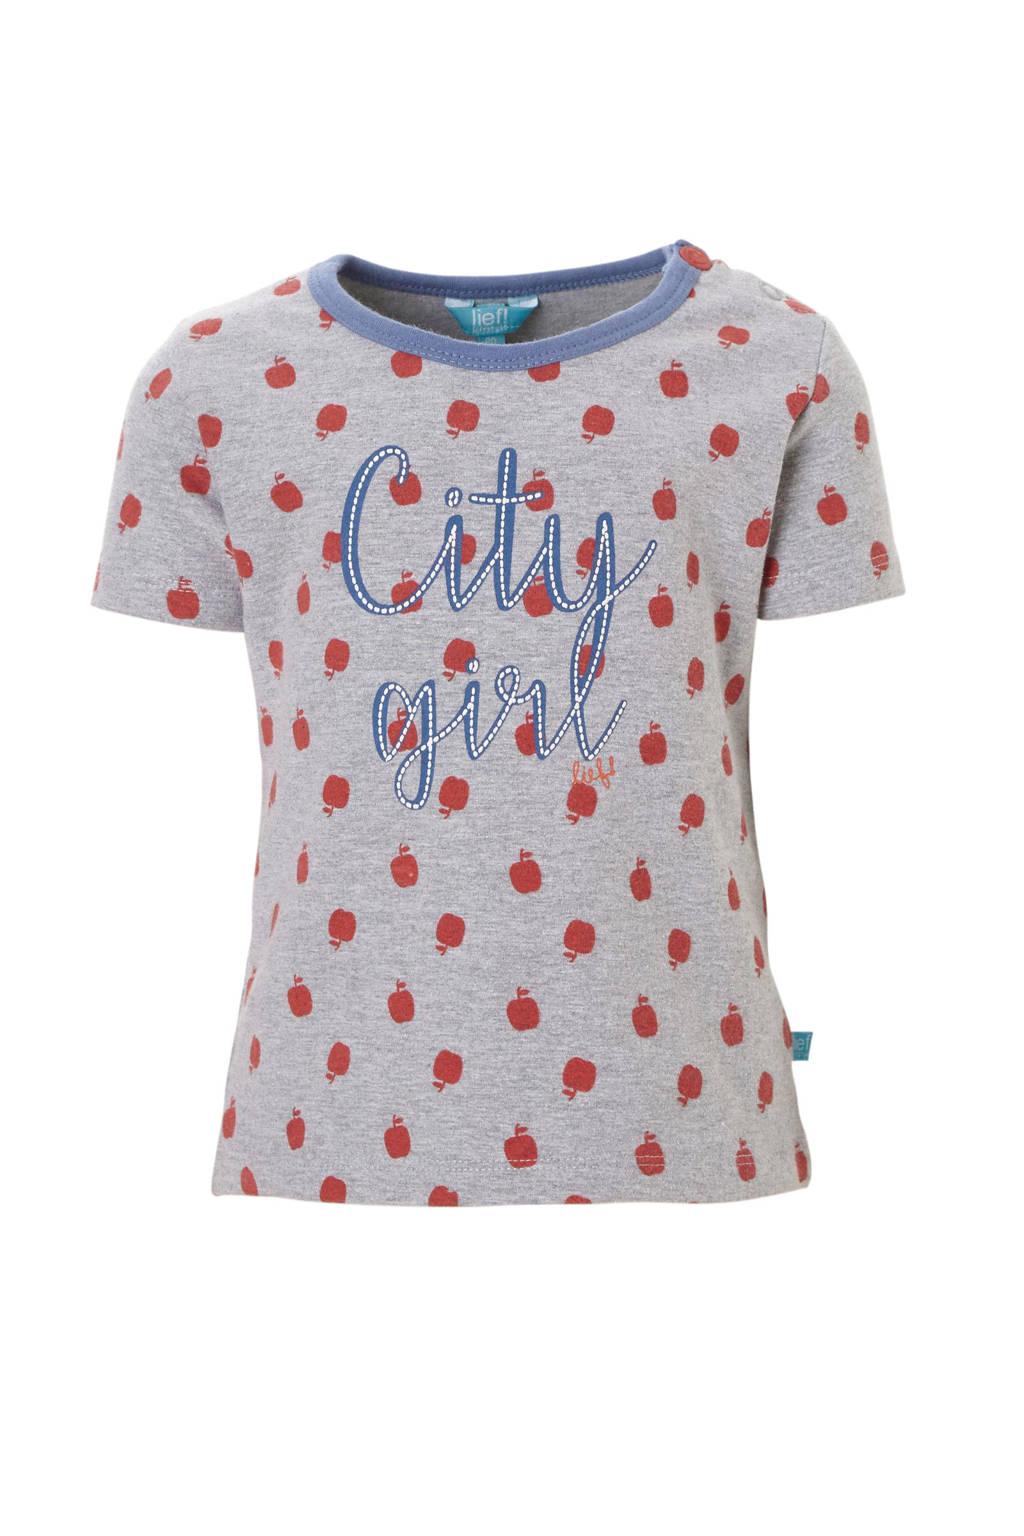 lief! T-shirt met stippen dessin en tekst grijs, Grijs melange/rood